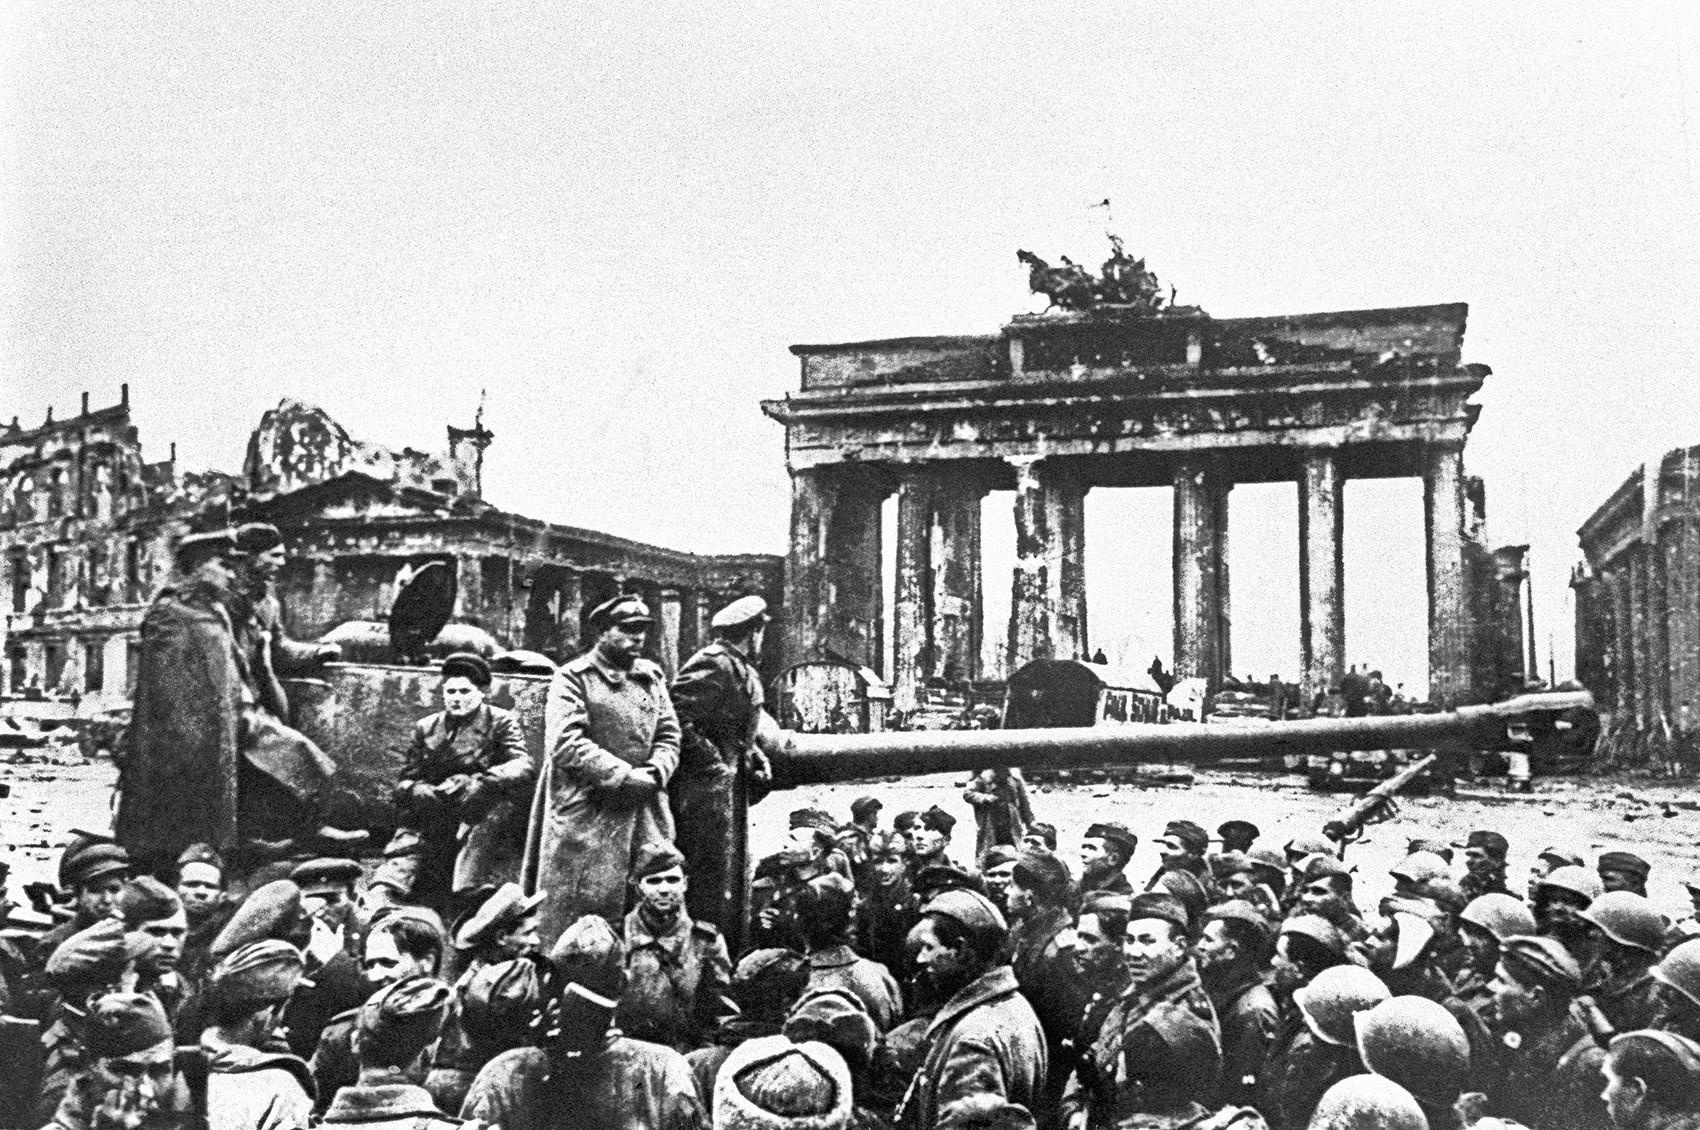 Редкая фотография советских войск в Берлине, май 1945 года.